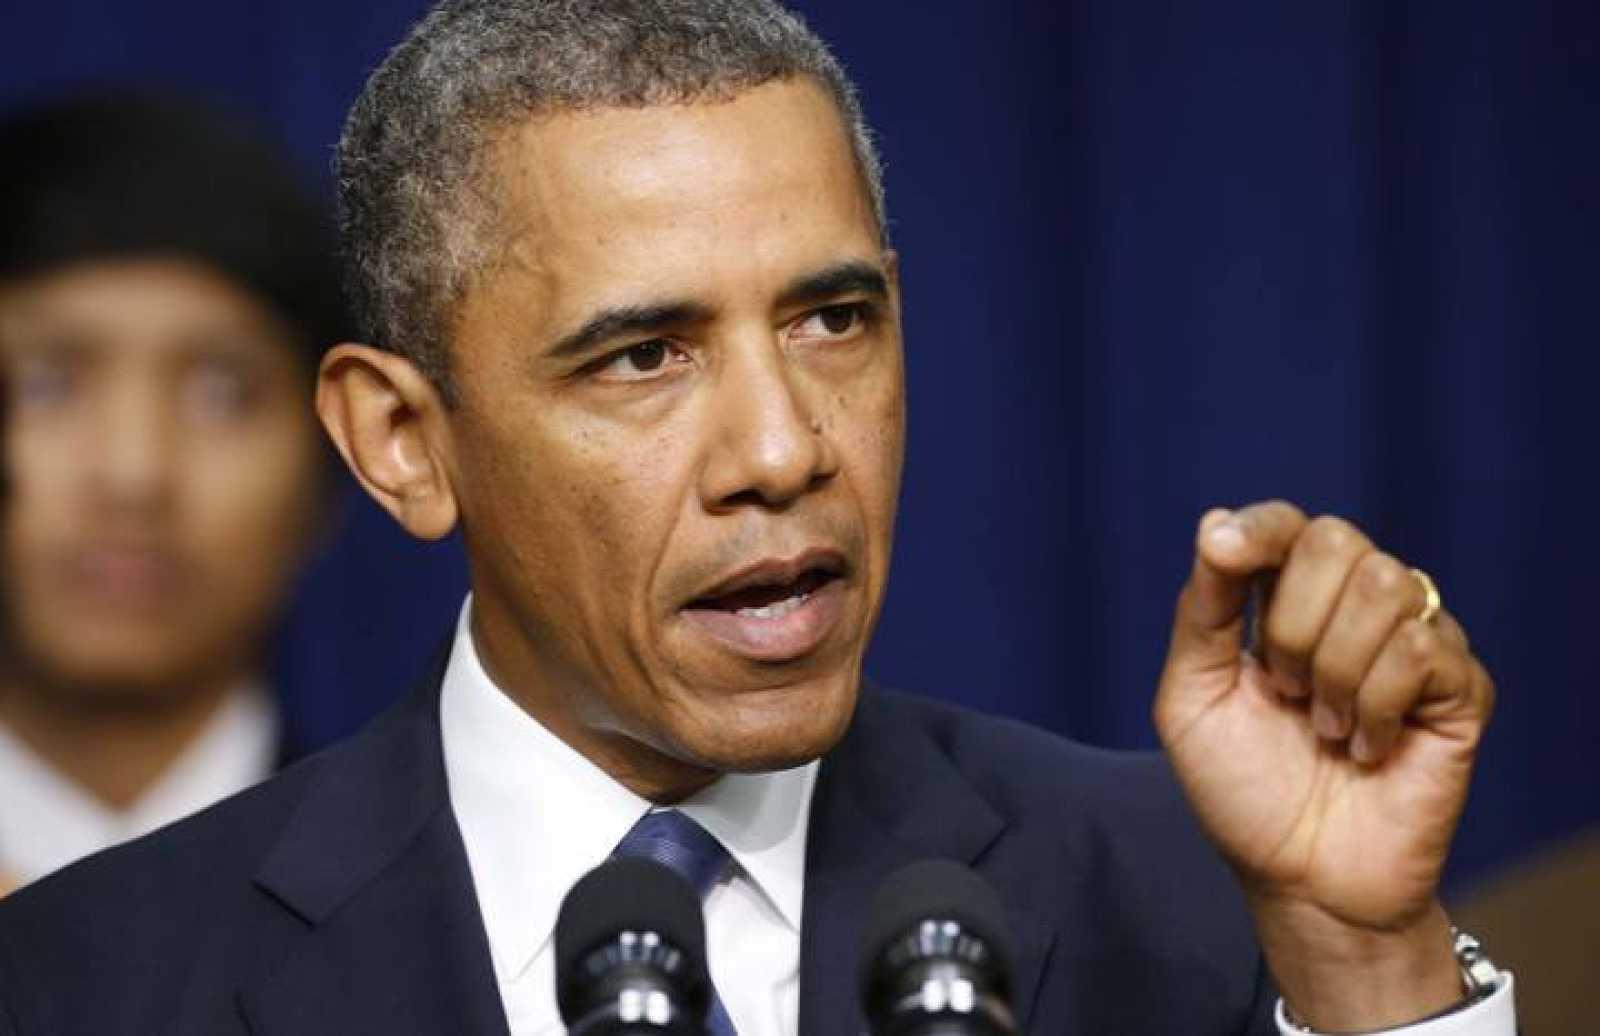 El presidente de EE.UU., Barack Obama, durante su discurso sobre economía ofrecido el 16 de septiembre